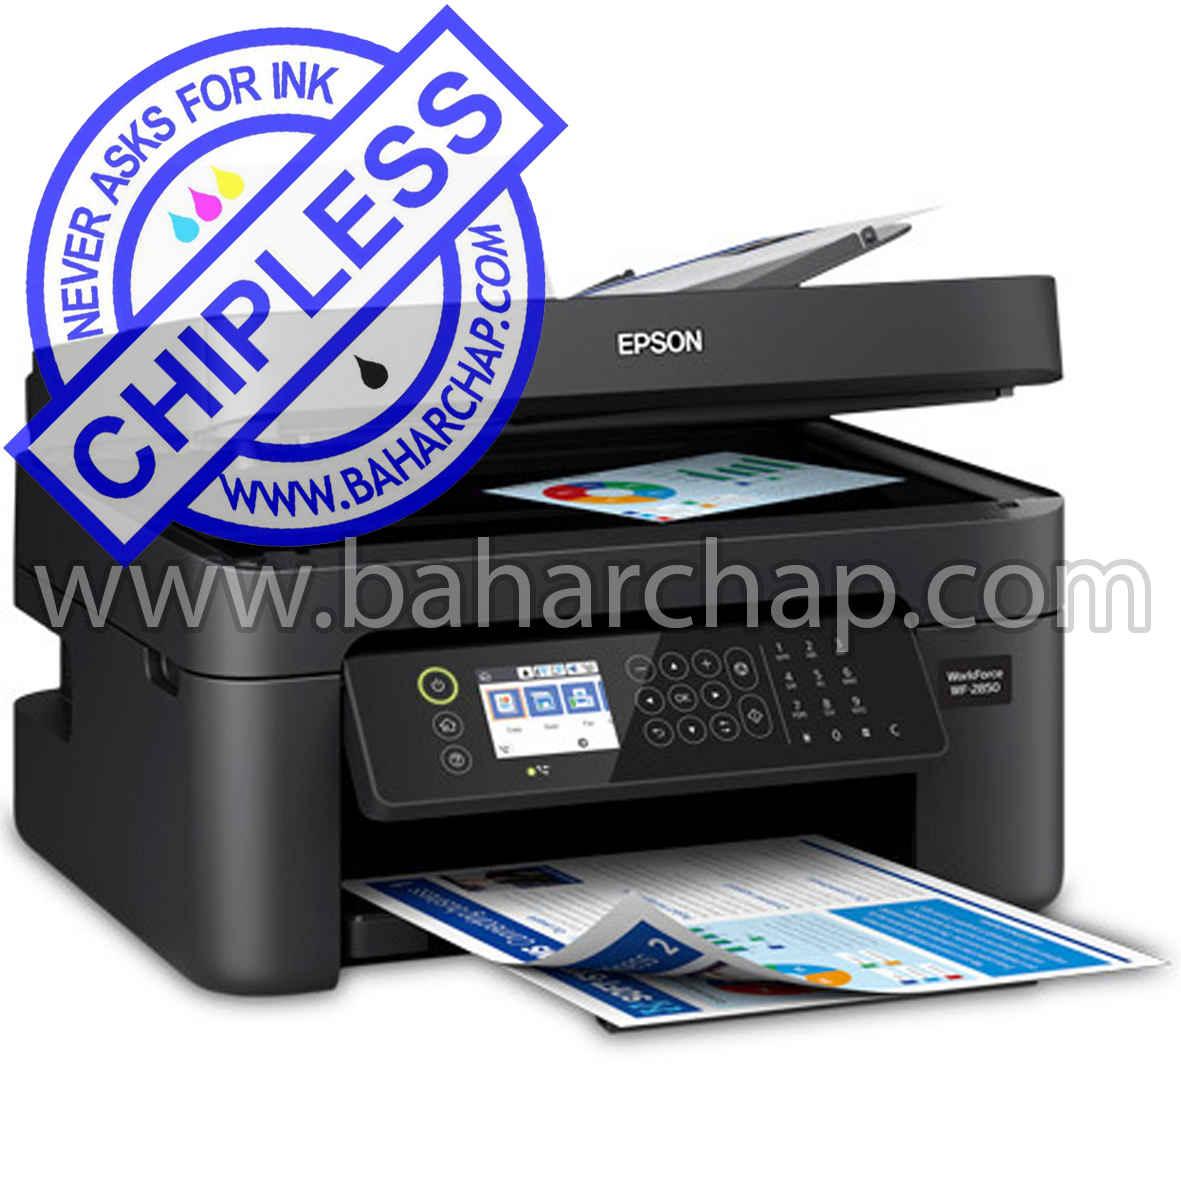 فروشگاه و خدمات اینترنتی بهارچاپ اصفهان-بدون چیپ کردن اپسون WF2850-DWF-epson WF2850-DWFchipless firmware